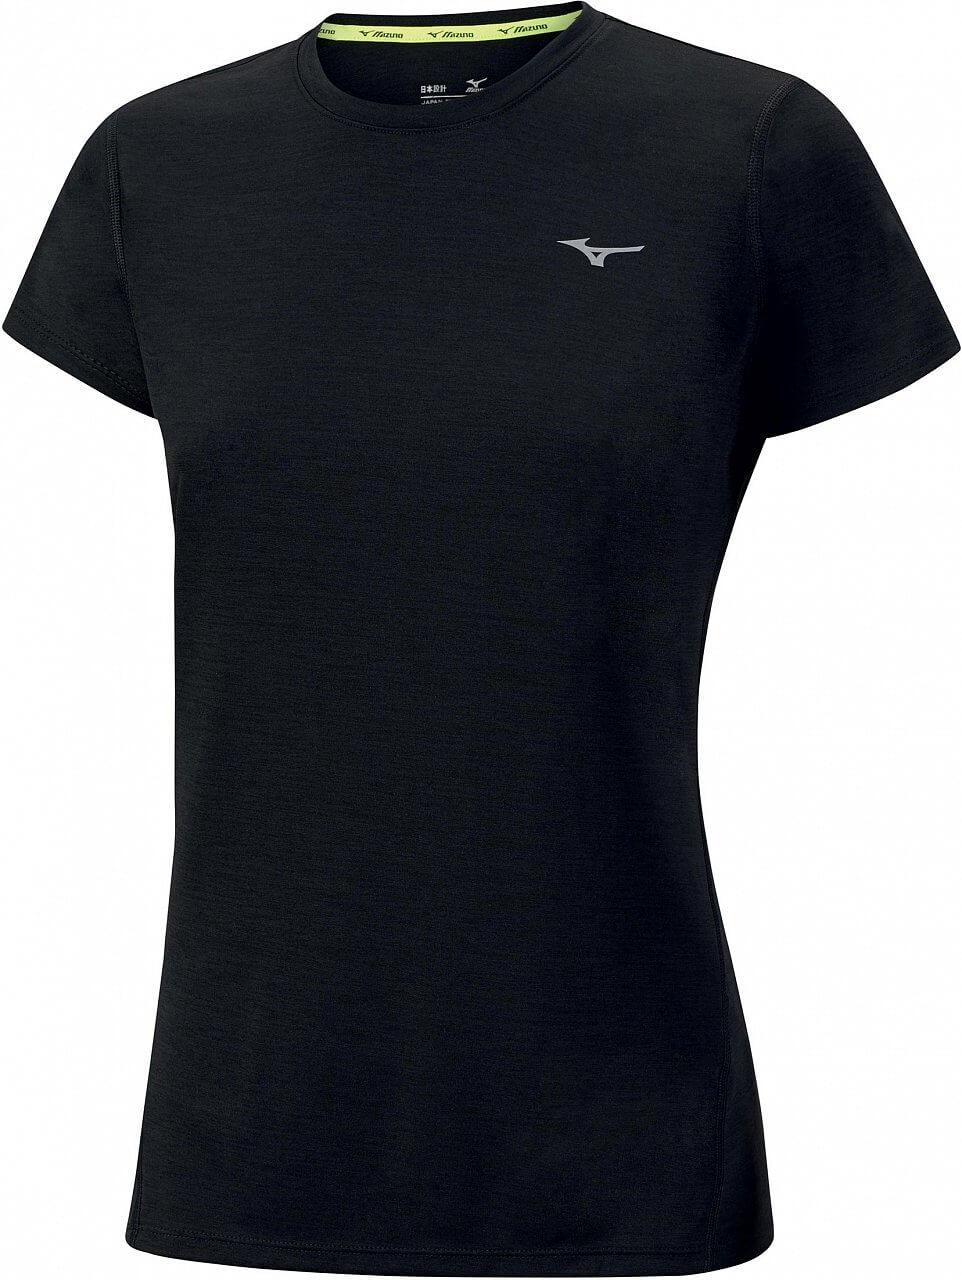 Dámské sportovní tričko Mizuno Impulse Core Tee